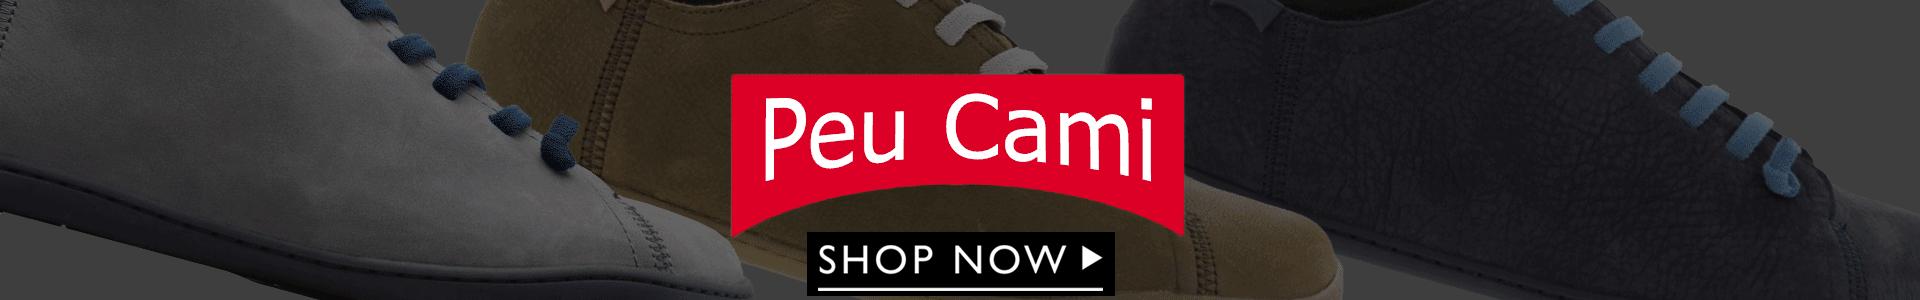 Shop Camper Peu Cami